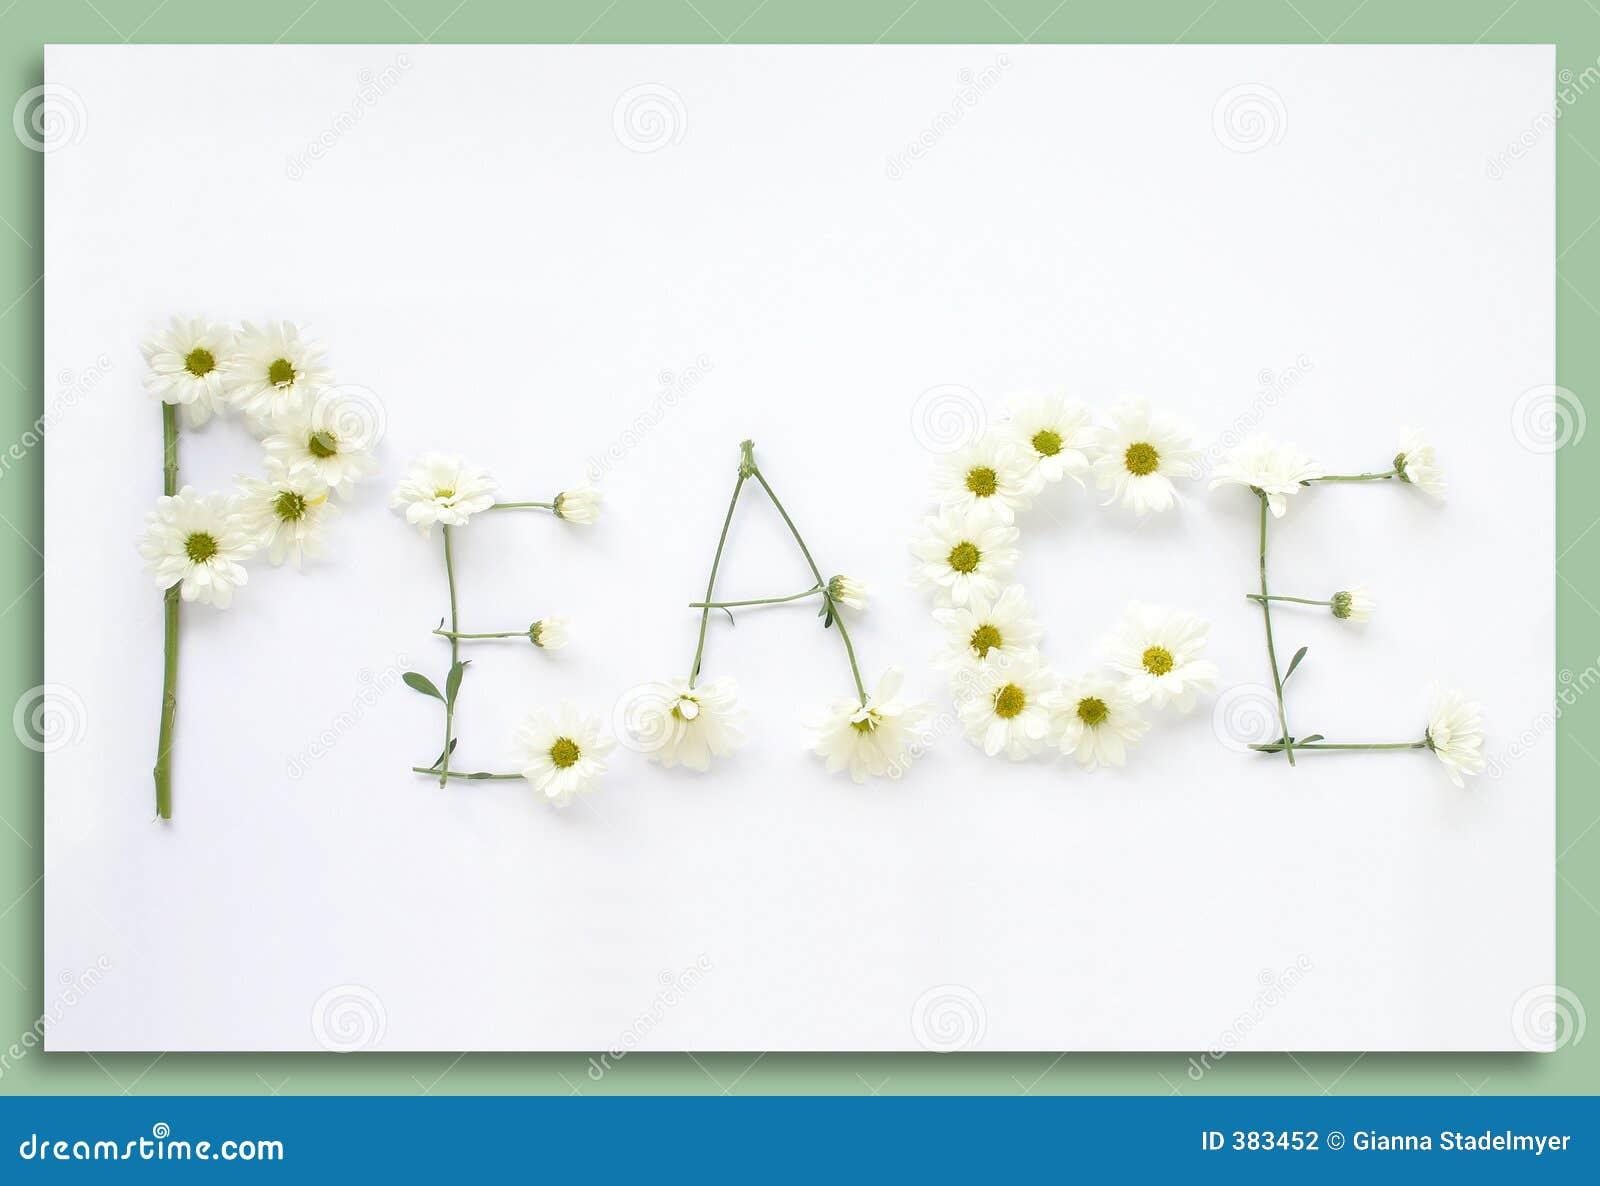 Dicalo con i fiori: Pace